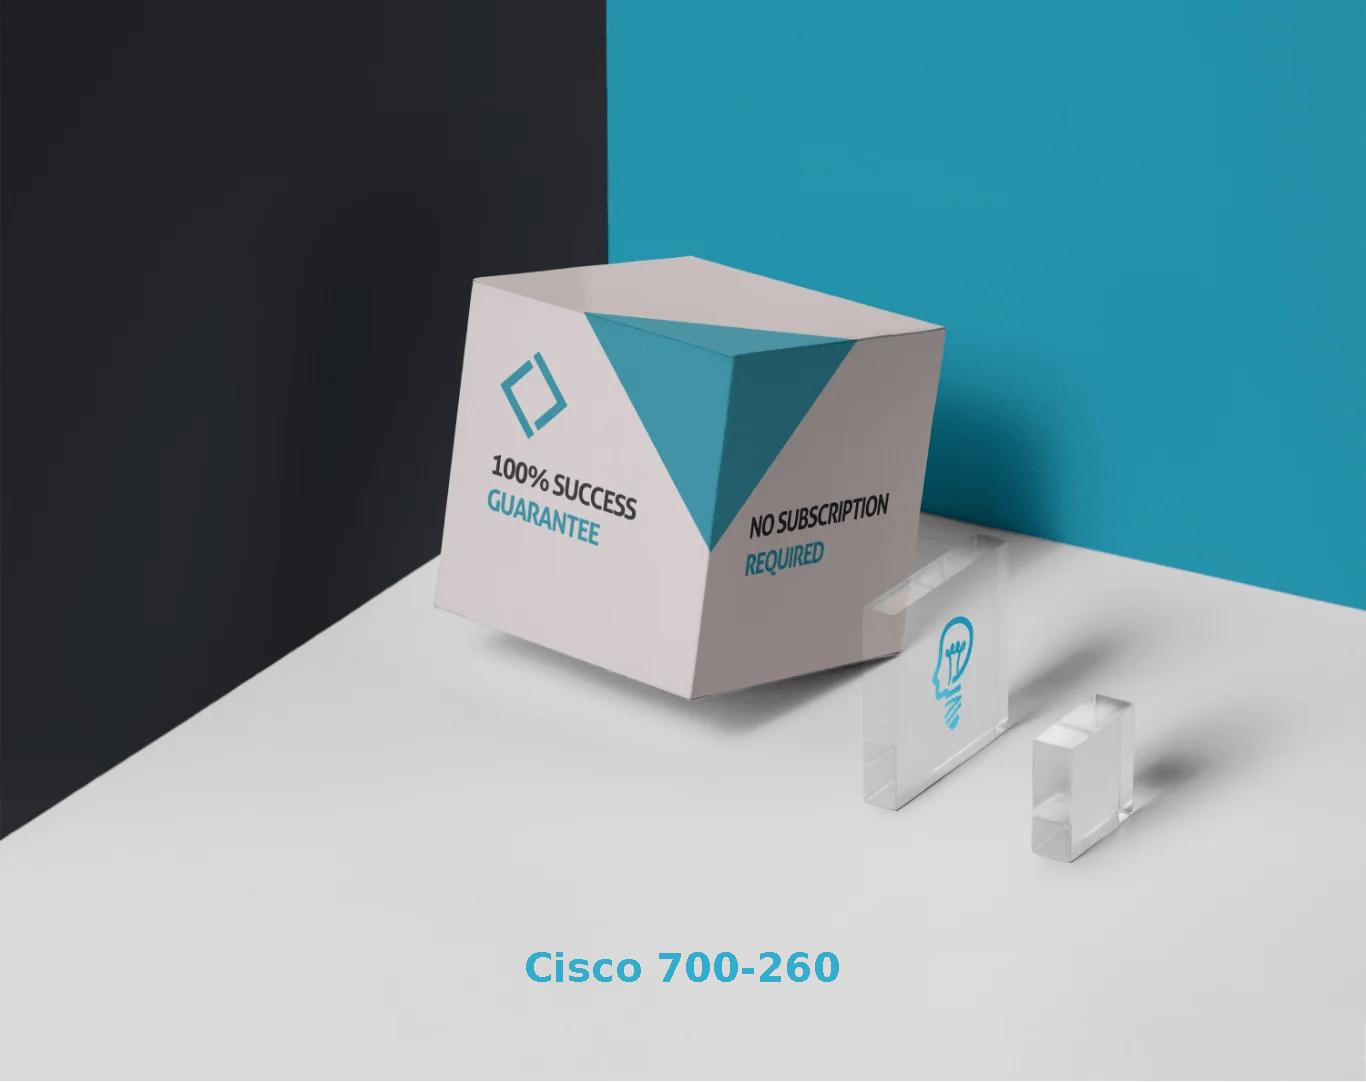 Cisco 700-260 Exams